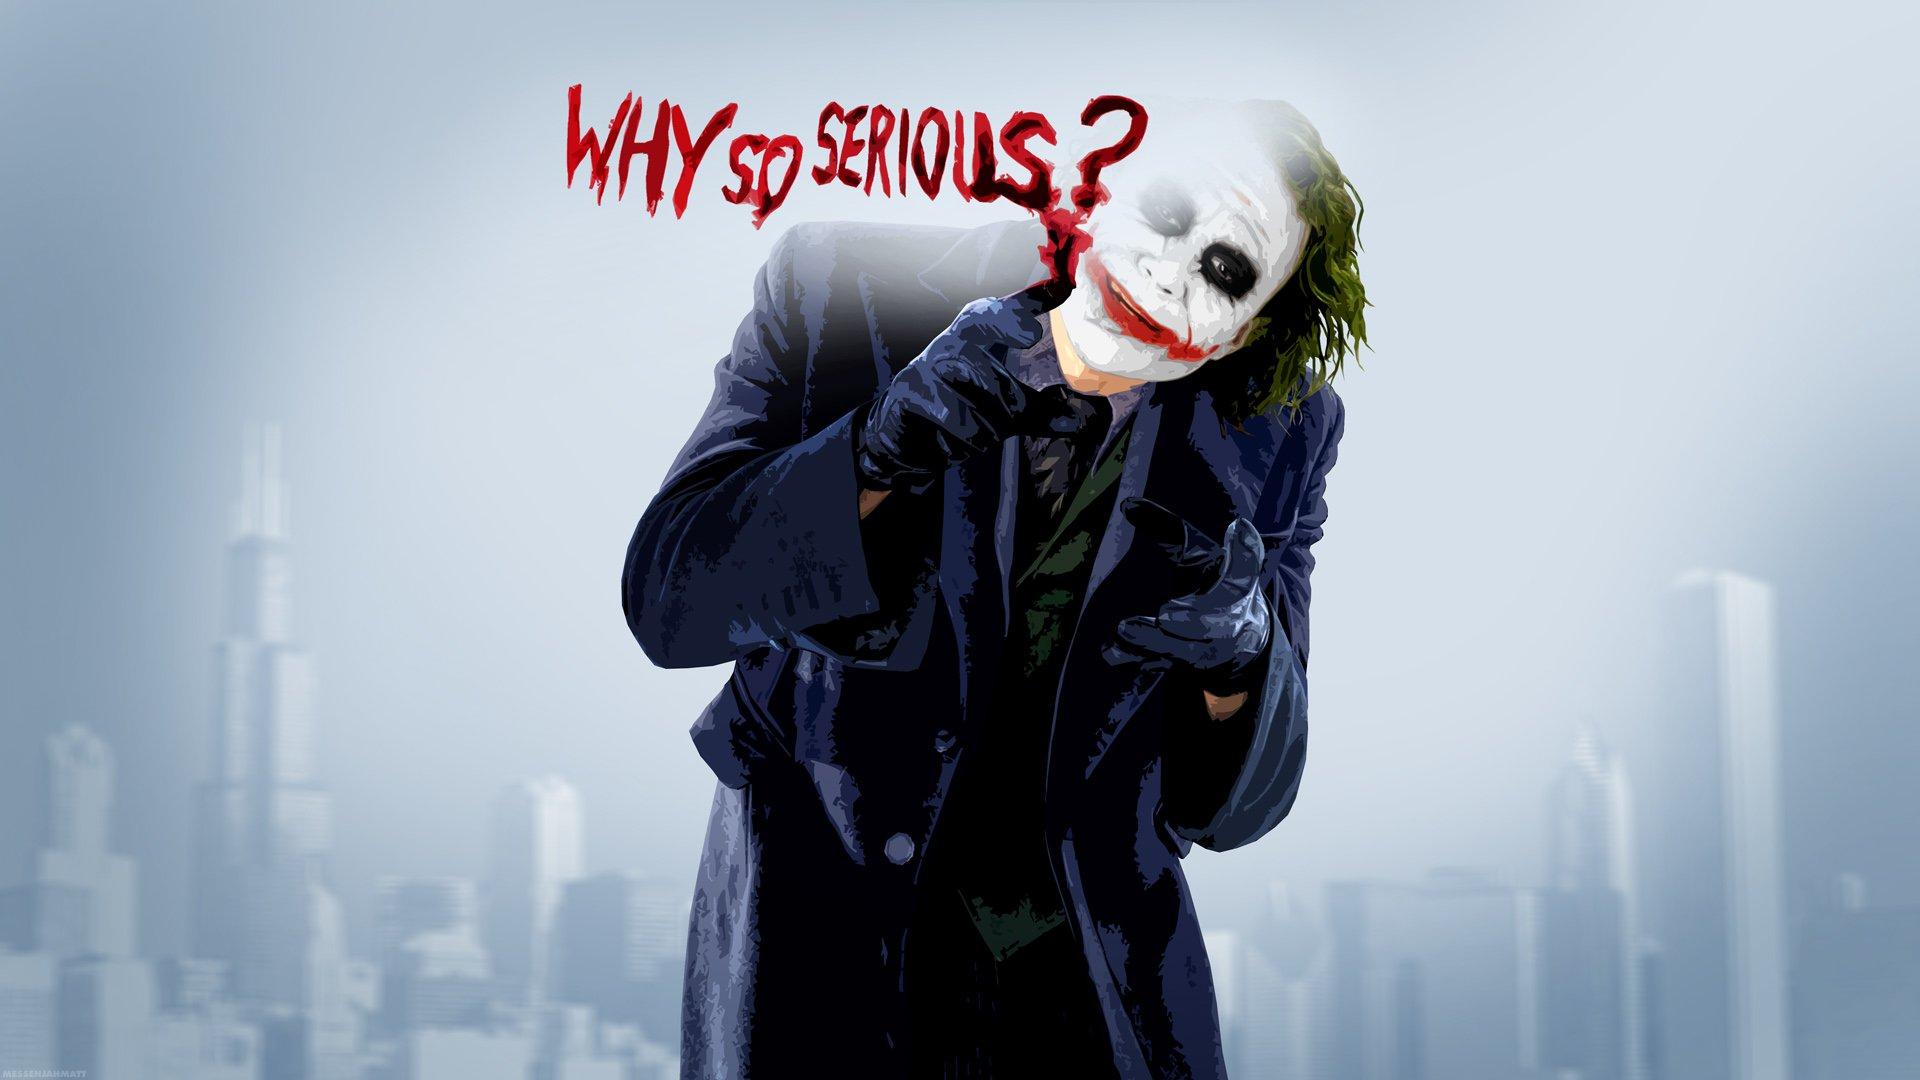 Joker fondo de pantalla hd fondo de escritorio for Fondo de pantalla joker hd